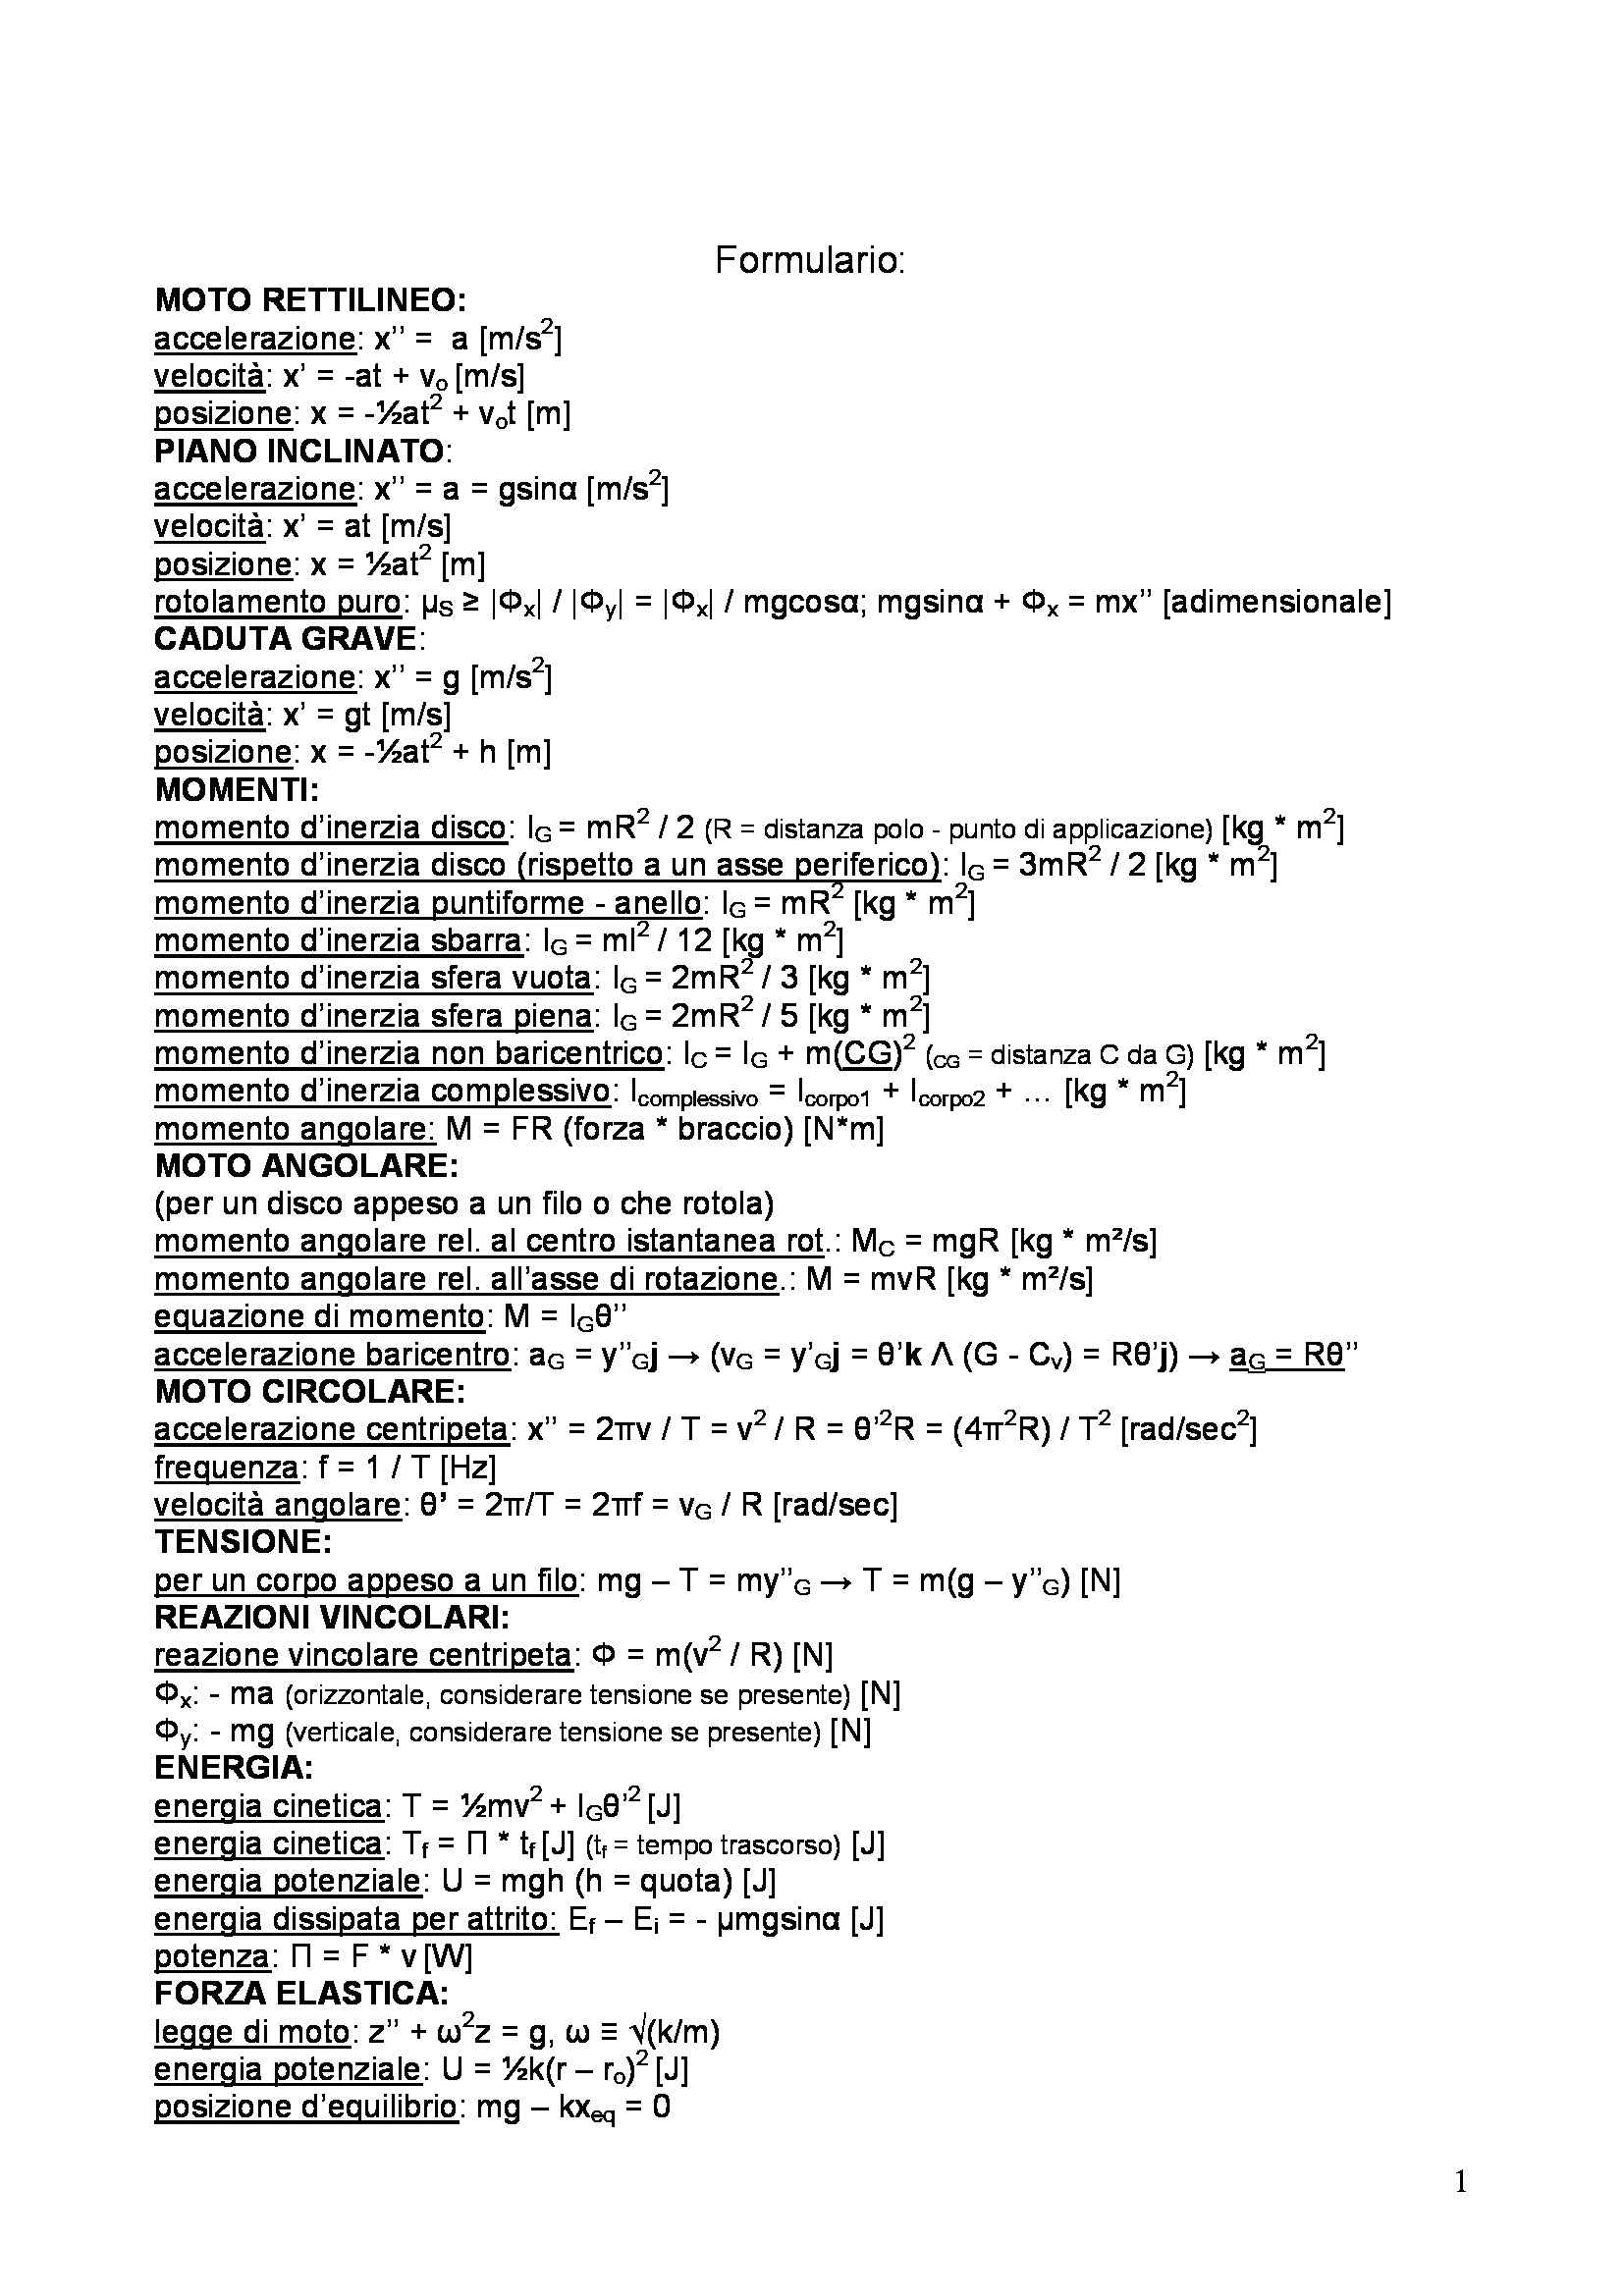 Fisica 1 - formulario